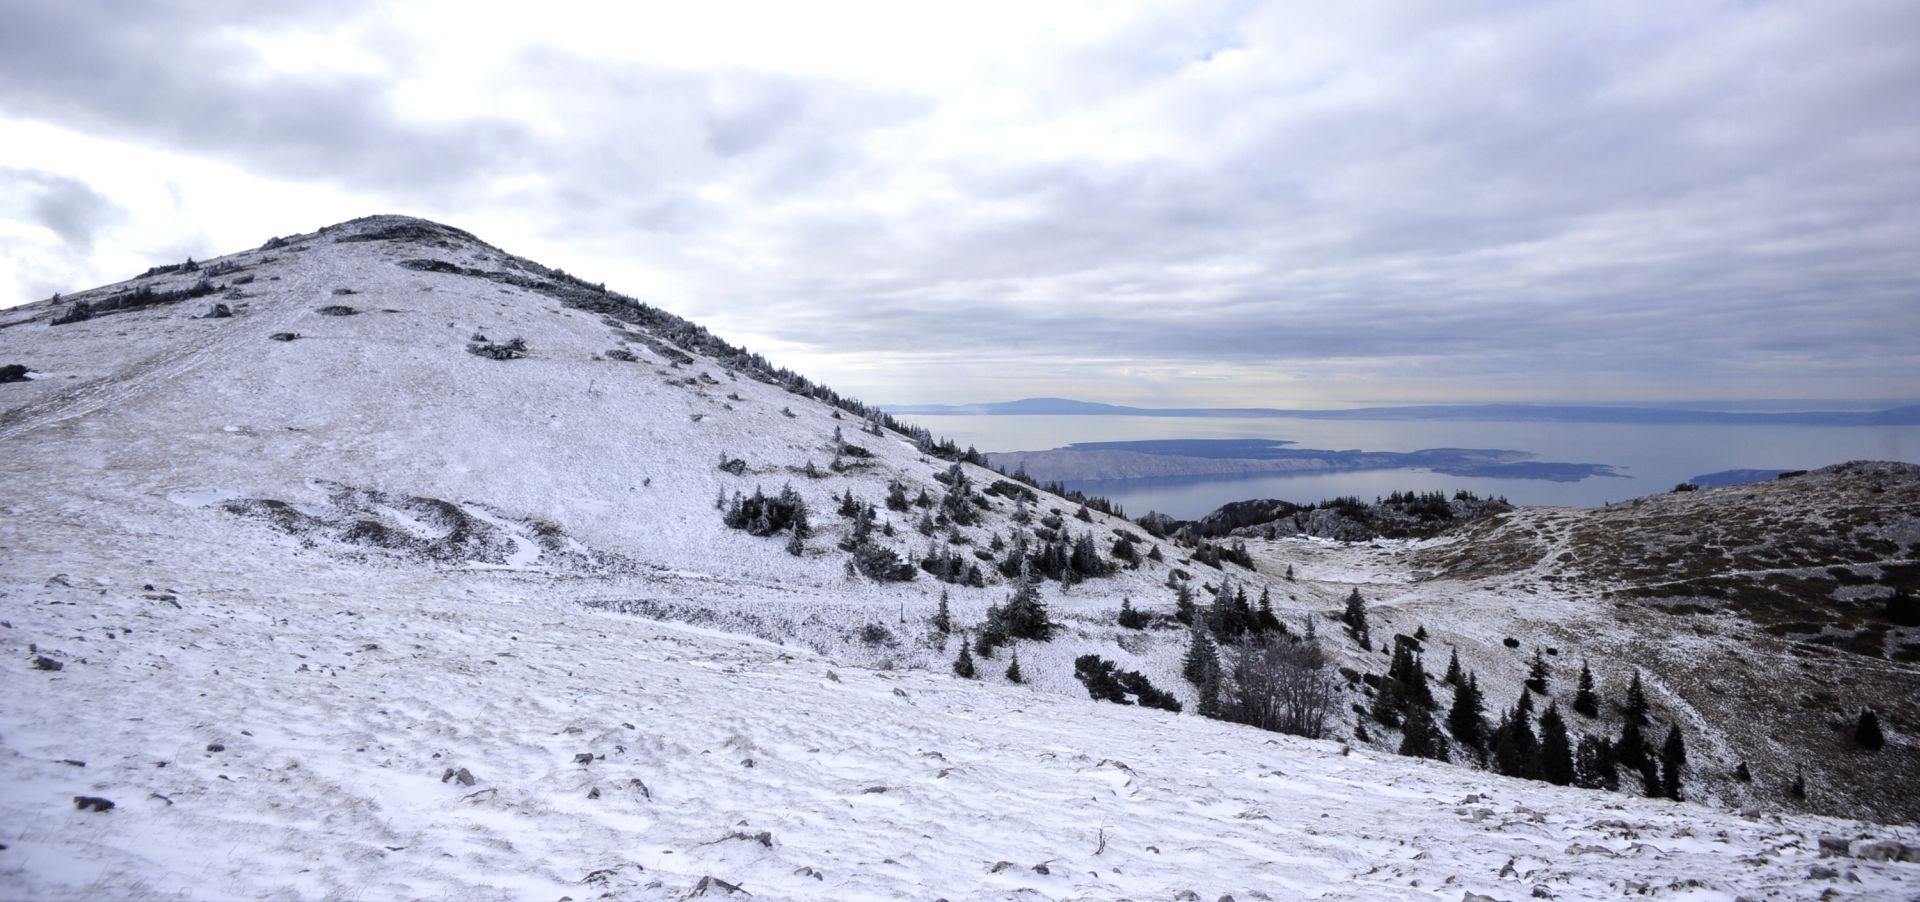 Zima u Lici pokazala zube, bura u Podgorju od 150 km/h